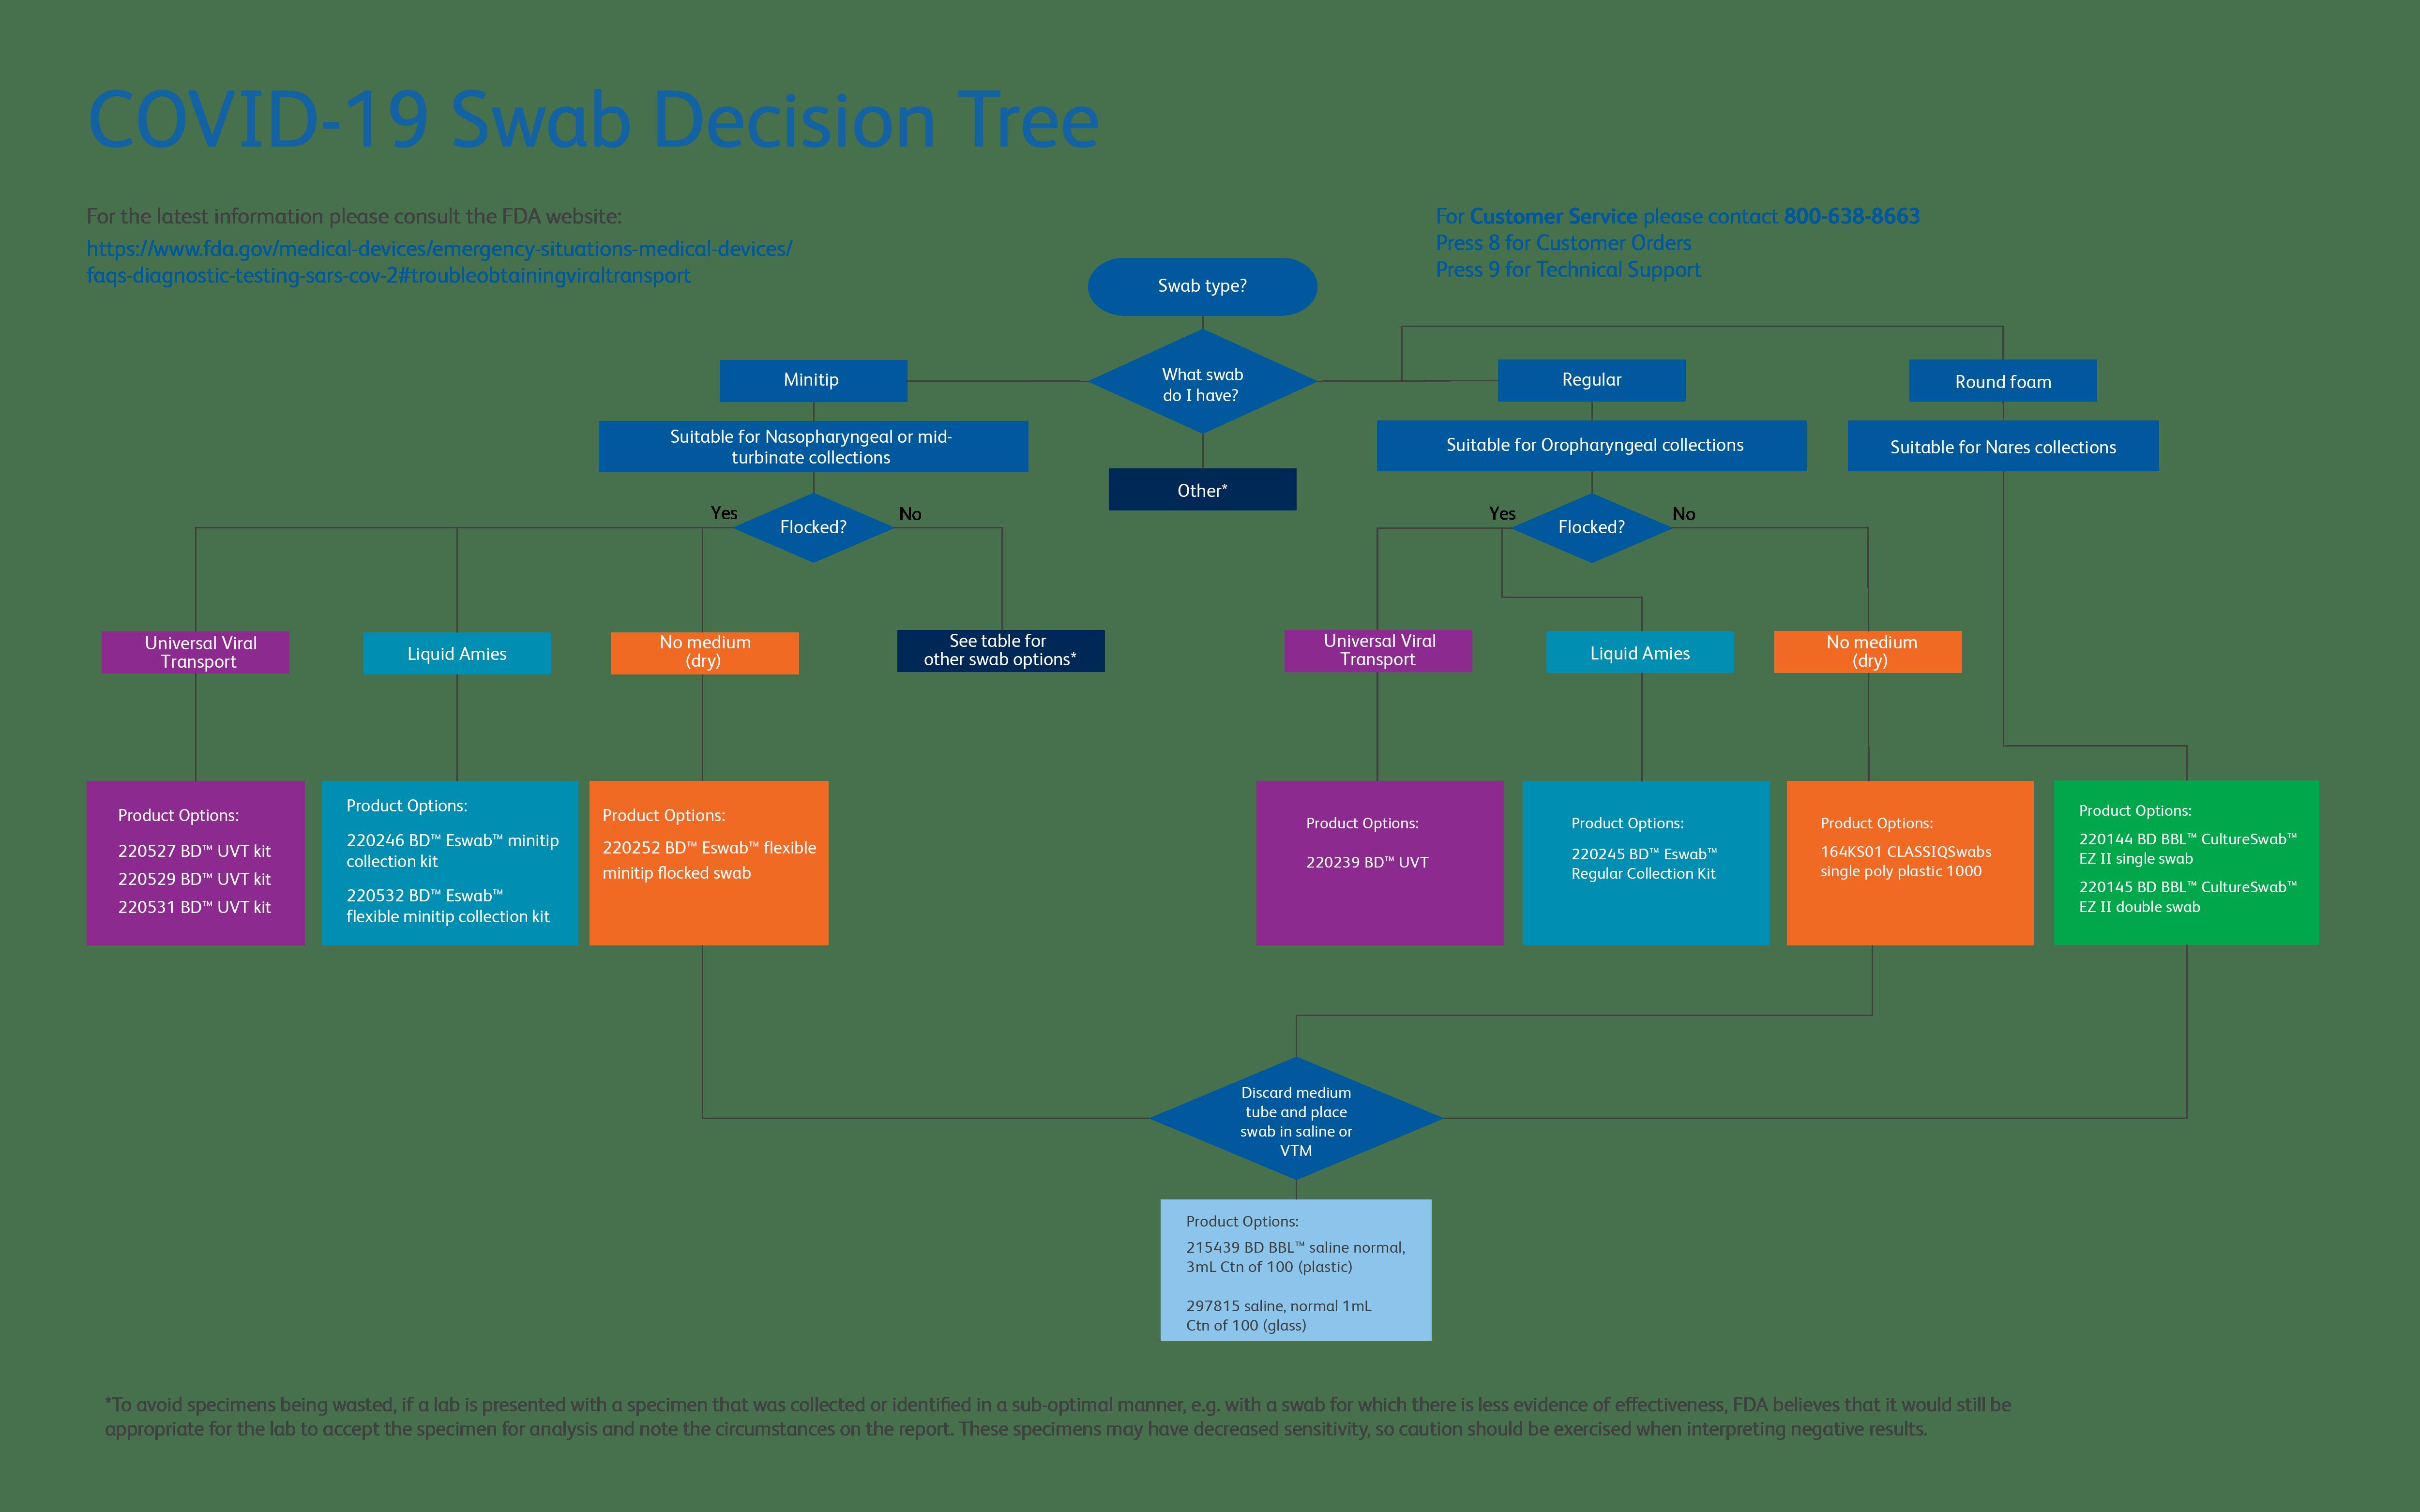 BD COVID-19 Swab Decision Tree